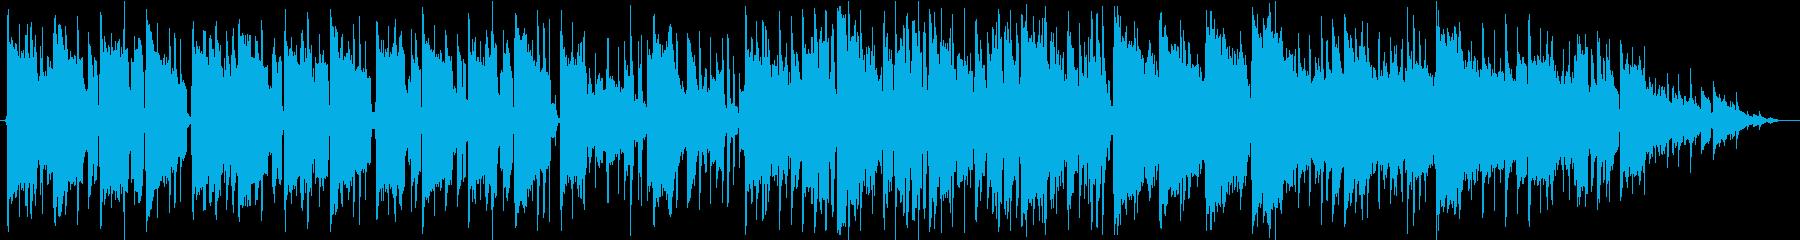 甘く切ないLofiインストバラードの再生済みの波形